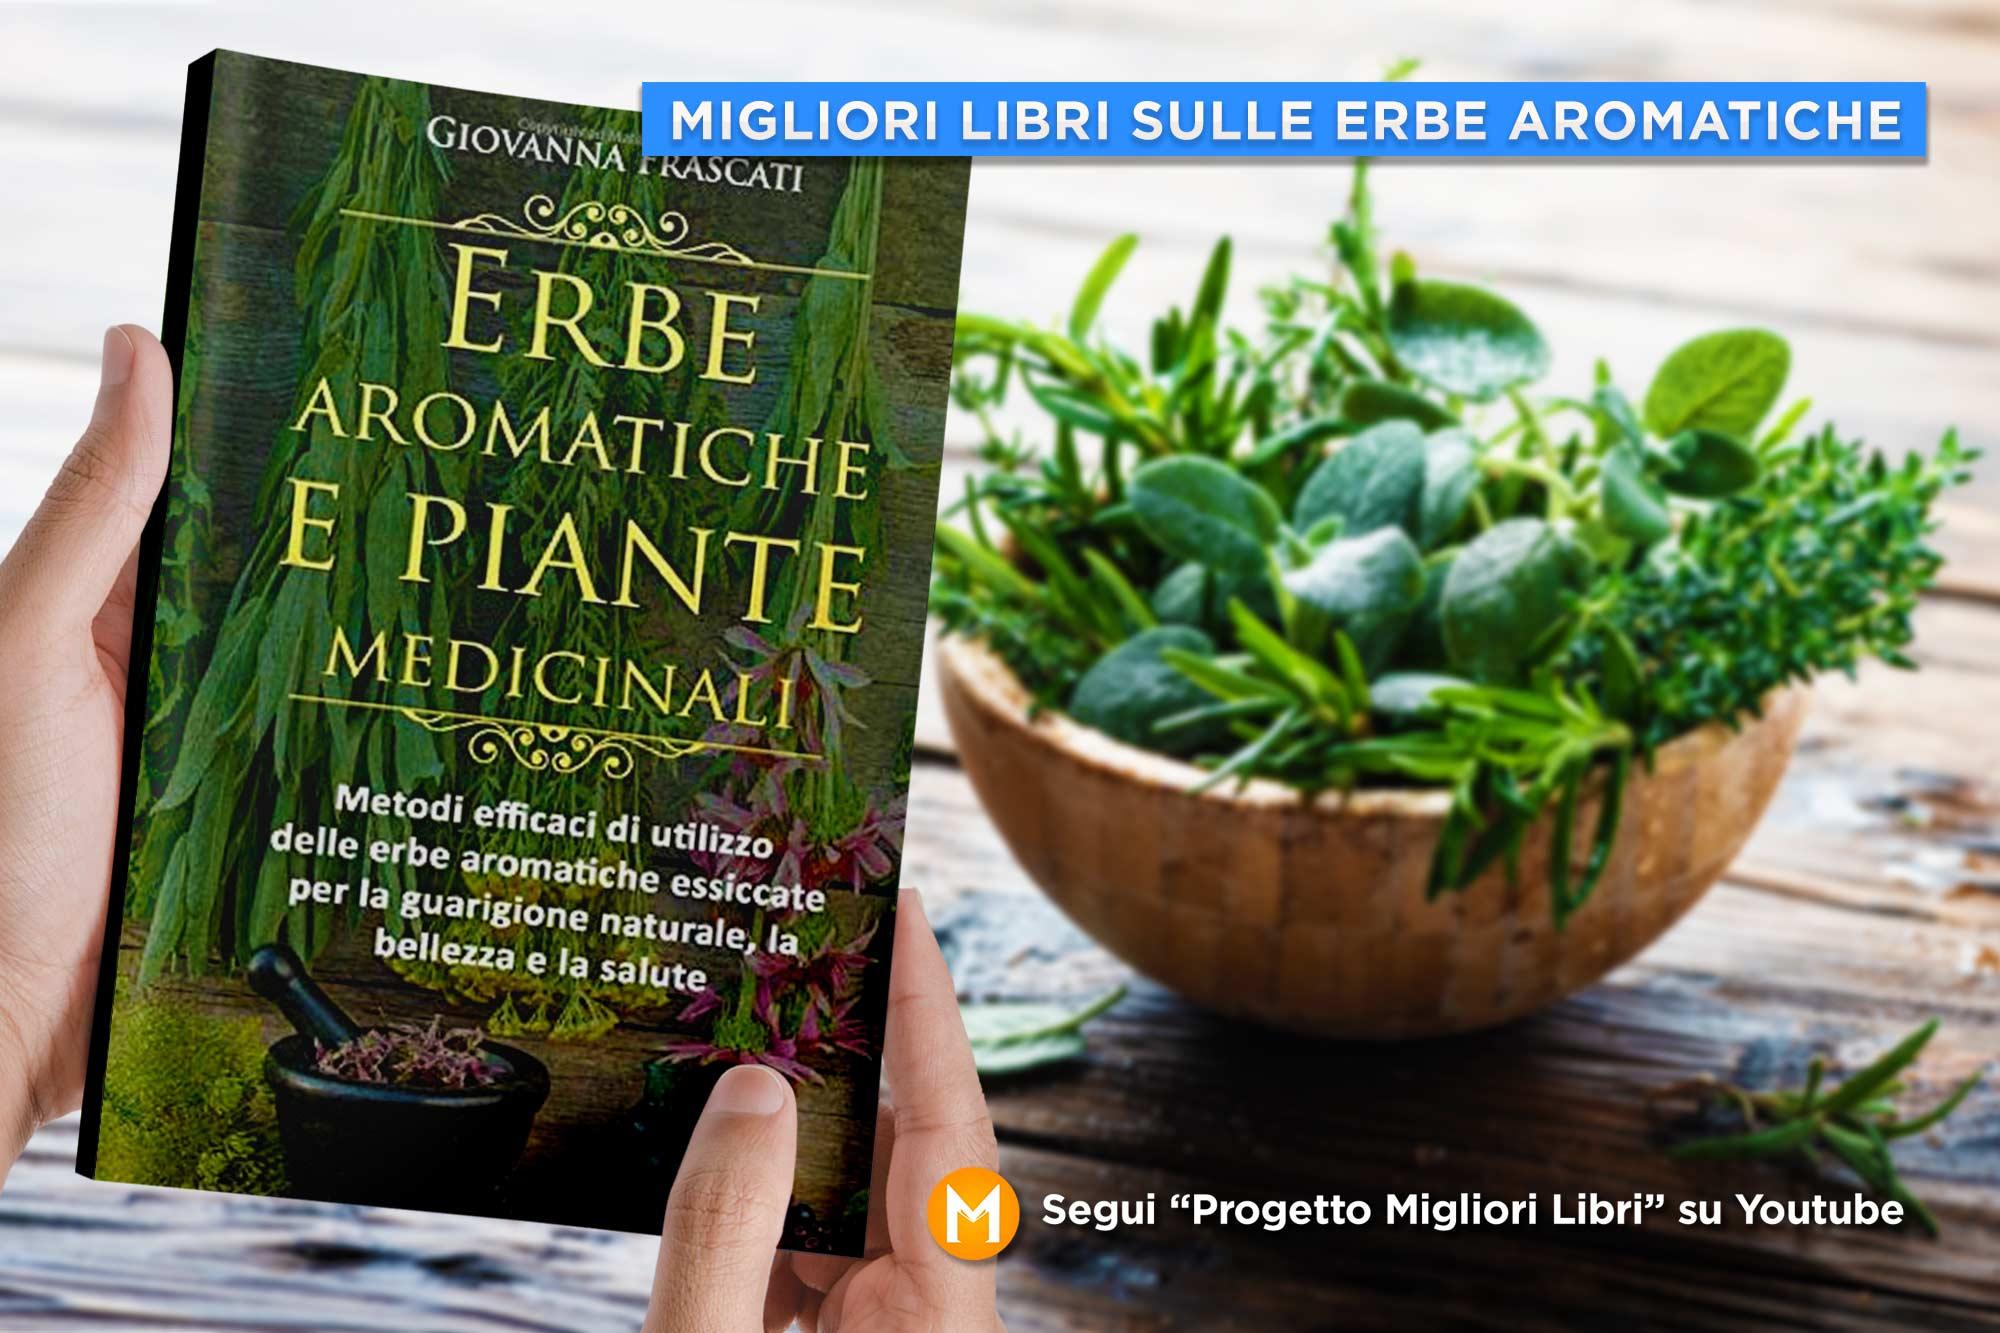 migliori-libri-sulle-erbe-aromatiche